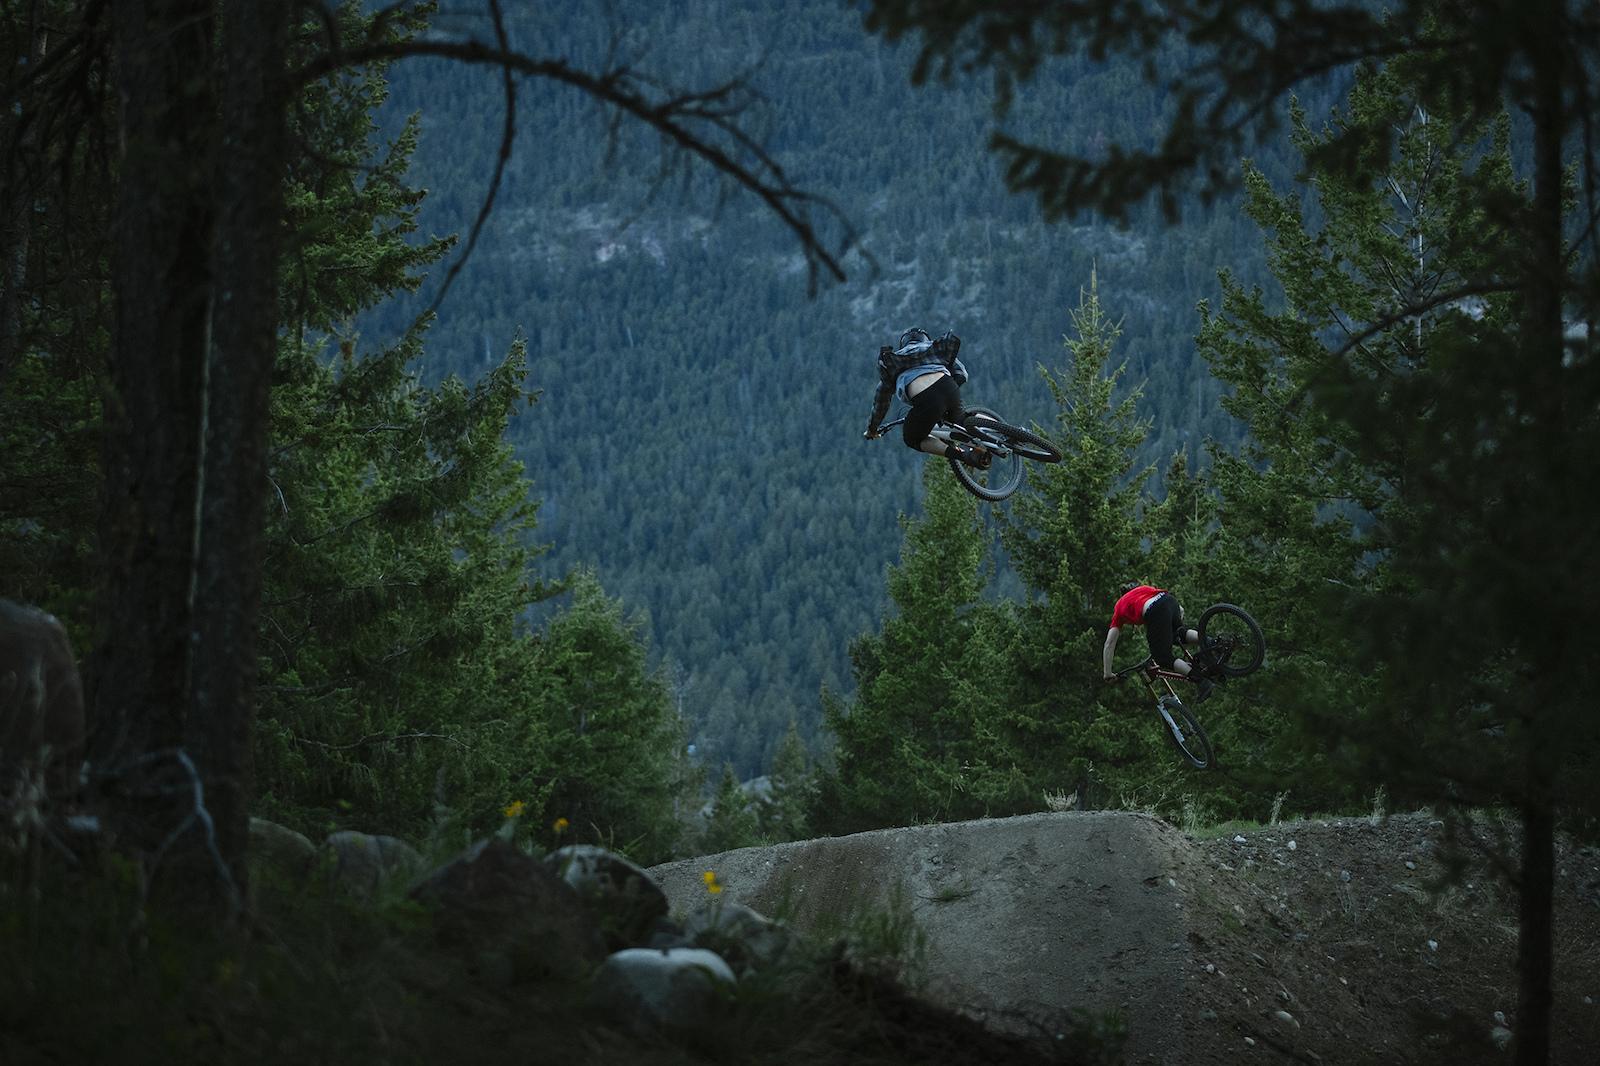 Matt Hunter and Matty Miles in Kamloops British Columbia Canada